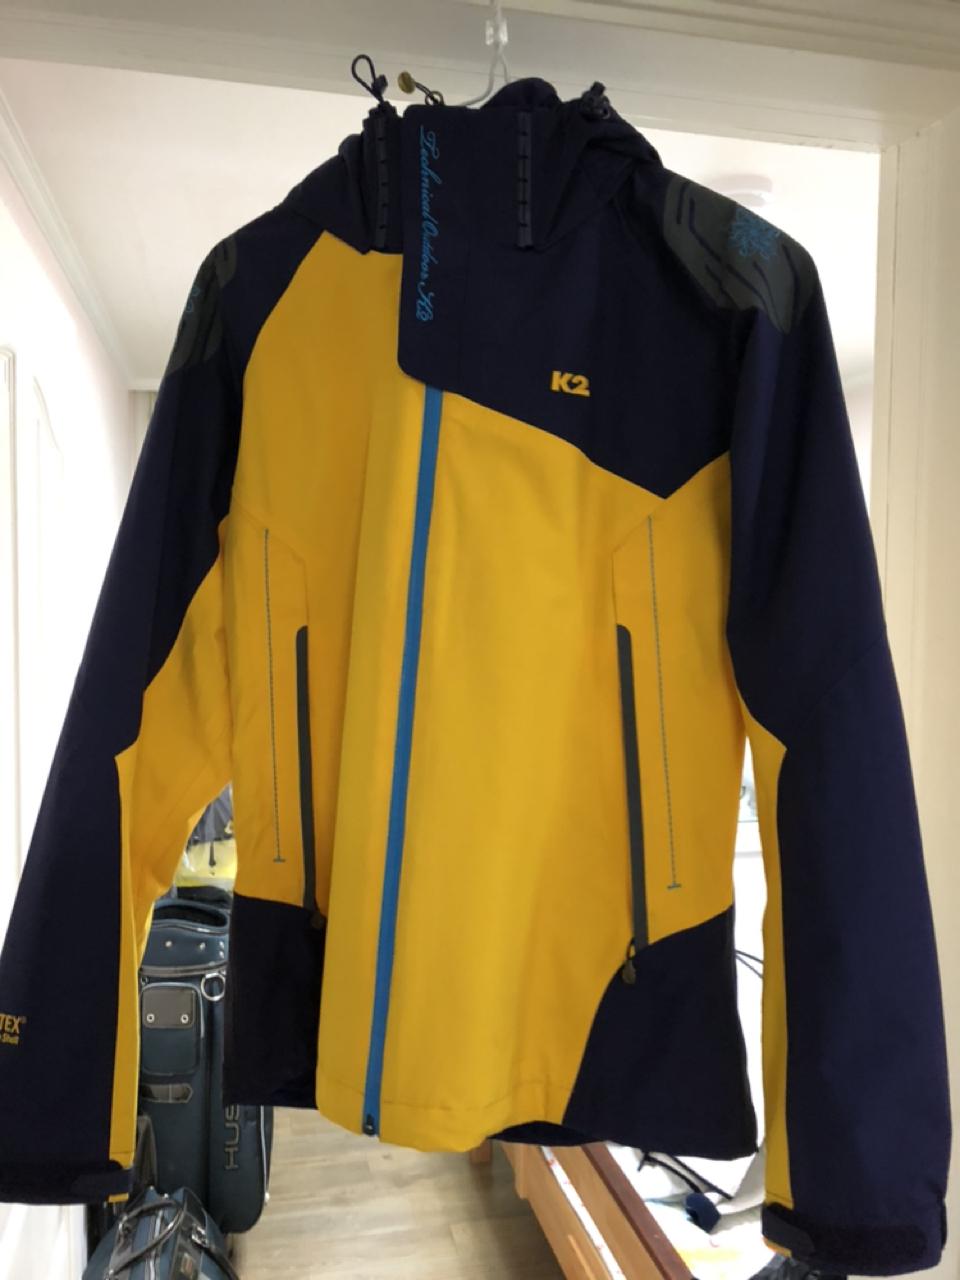 k2 고어텍스 여성 자켓 거의 새거 판매합니다